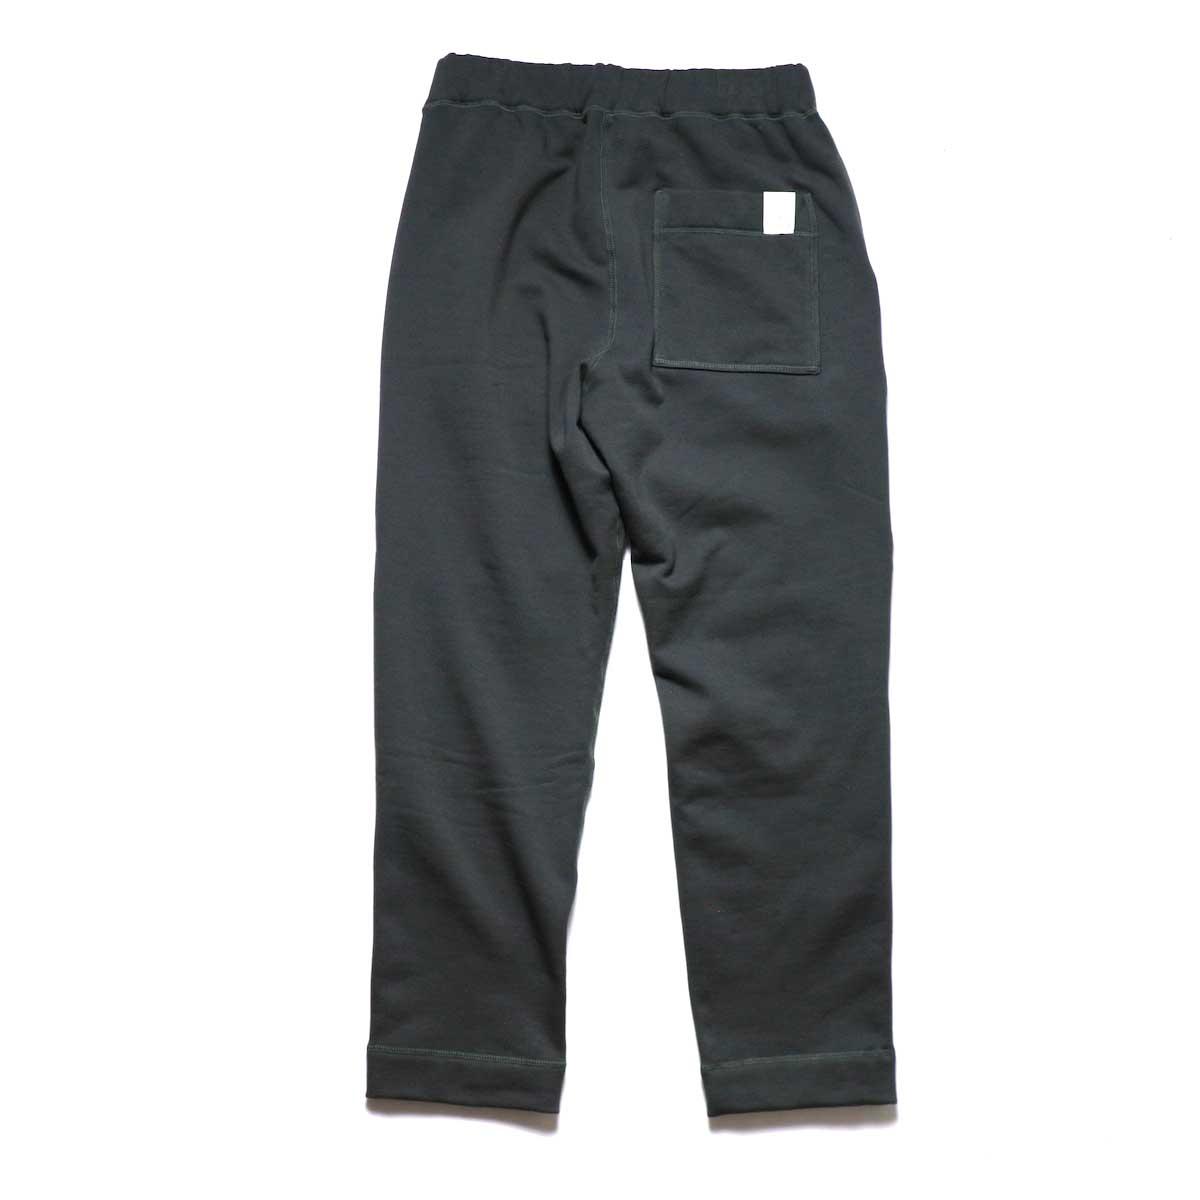 N.HOOLYWOOD / 27RCH-013 Track Pants (Charcoala)背面